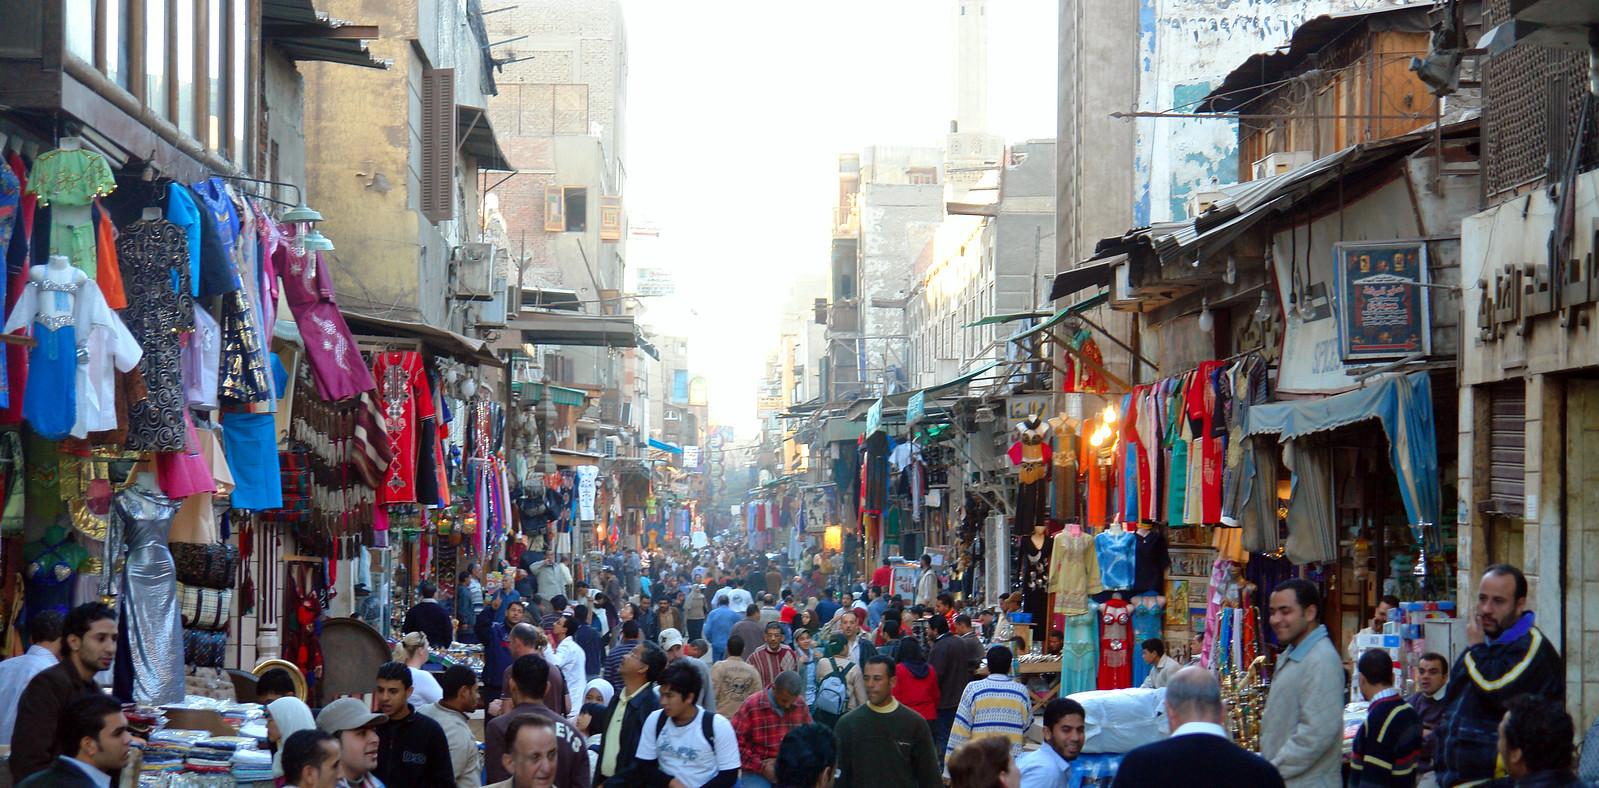 Qué ver en El Cairo, Egipto lugares que visitar en el cairo - 40100561445 eee0def178 h - 10+1 lugares que visitar en El Cairo